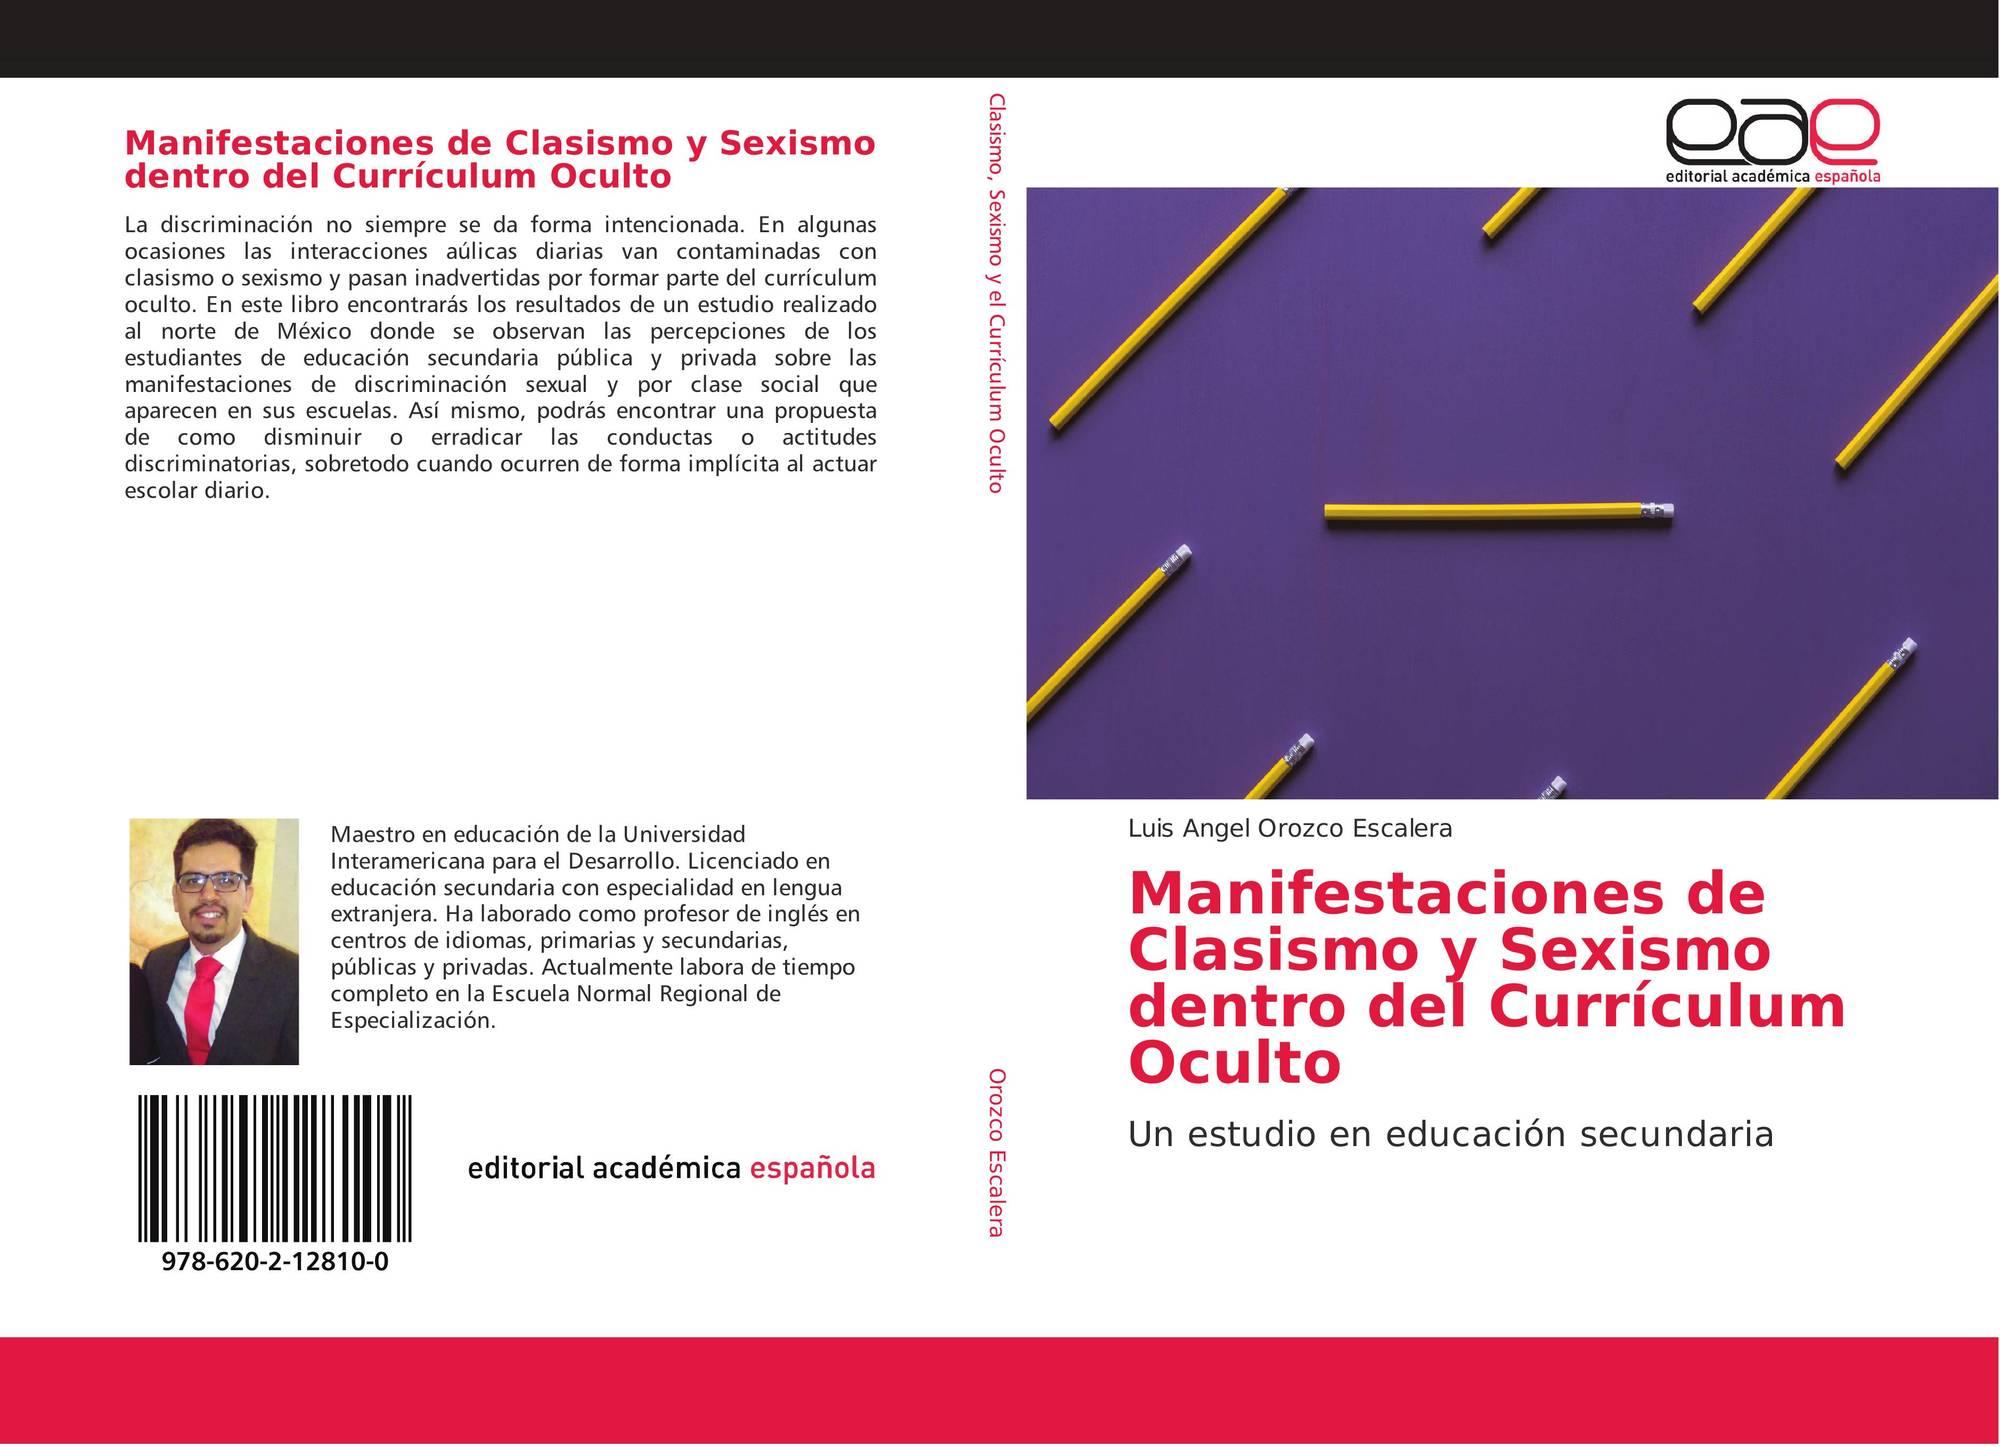 Manifestaciones de Clasismo y Sexismo dentro del Currículum Oculto ...